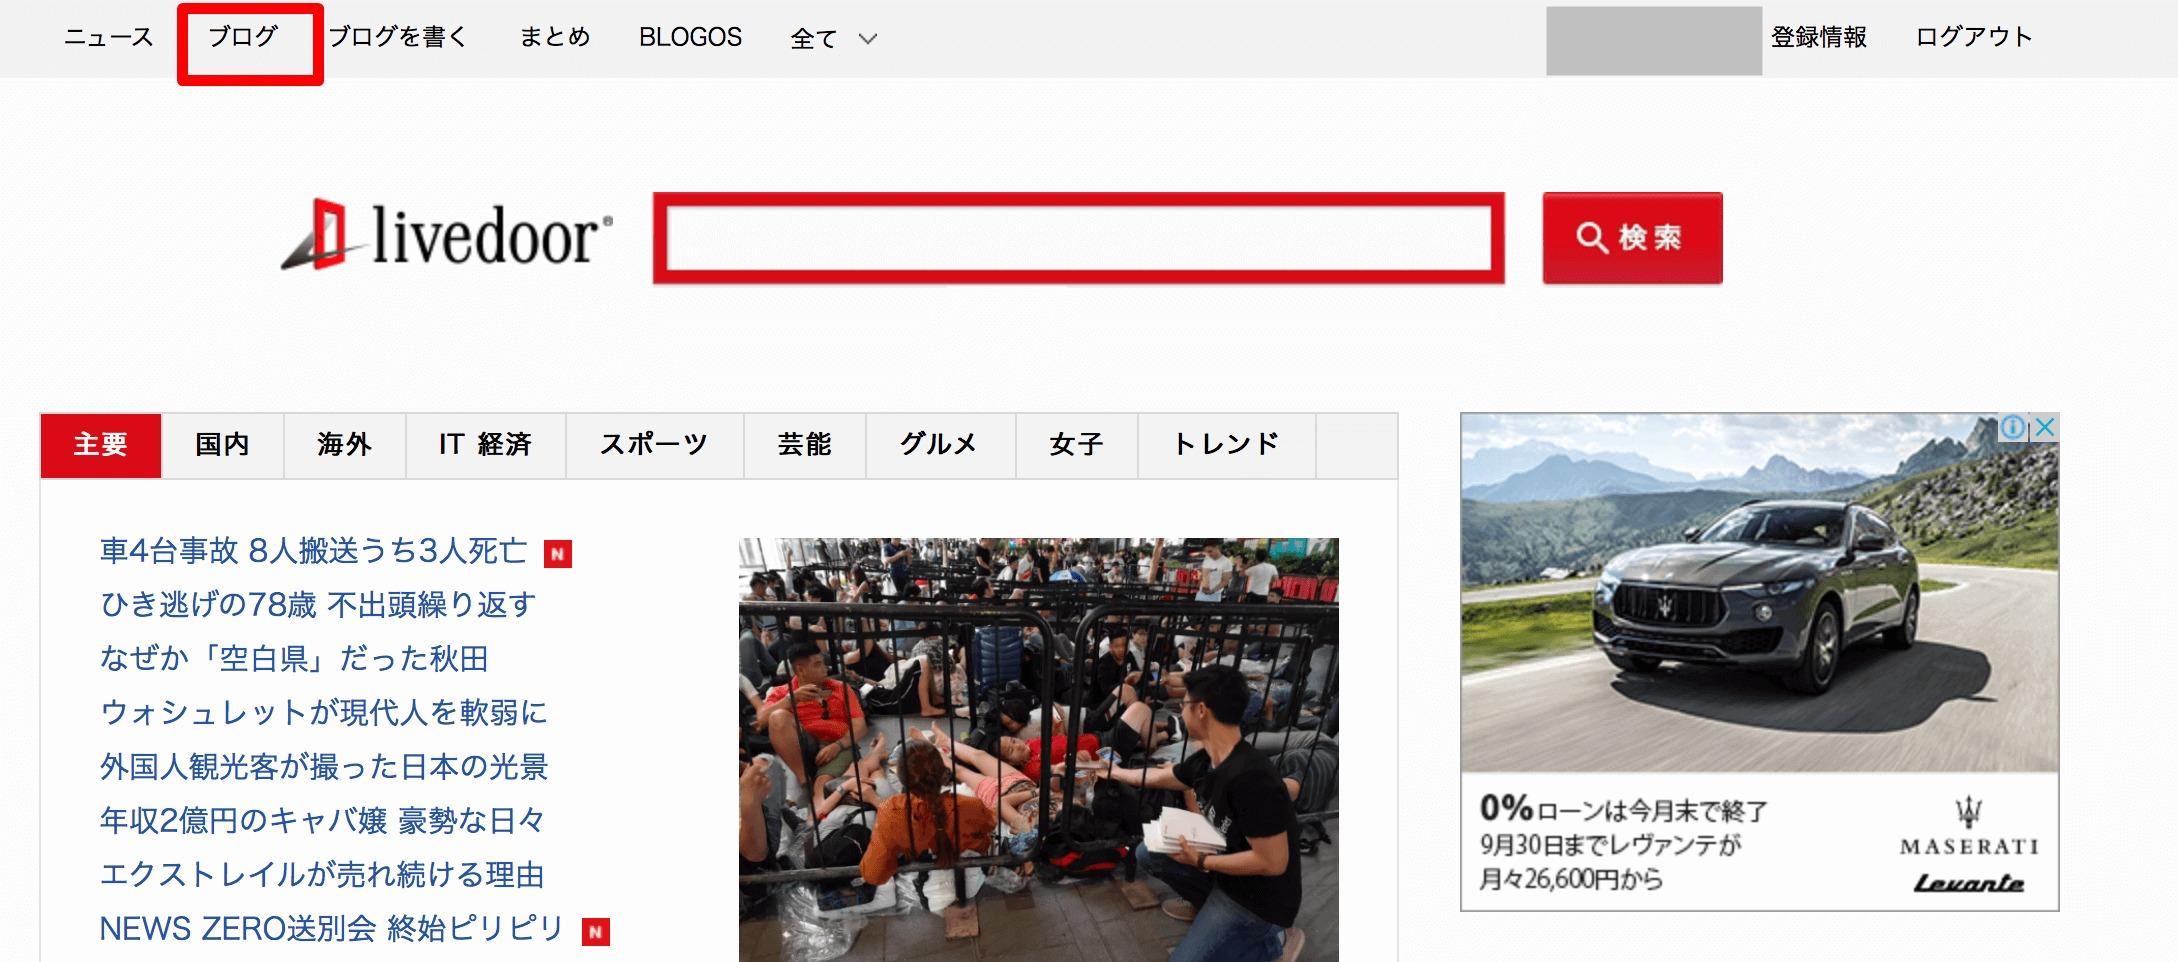 select-blog